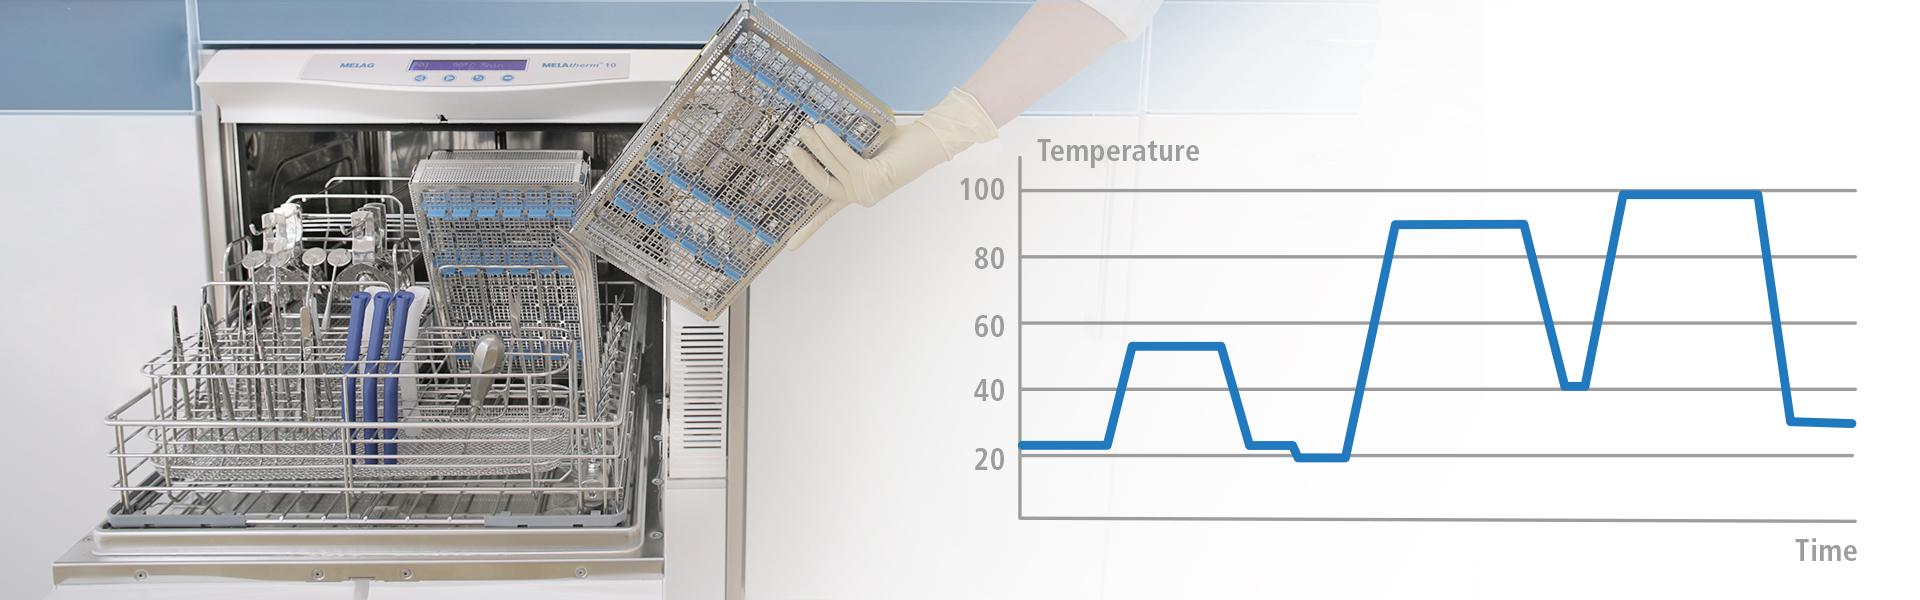 Процесс очистки и дезинфекции в моечно-дезинфекционной машине MELAtherm 10